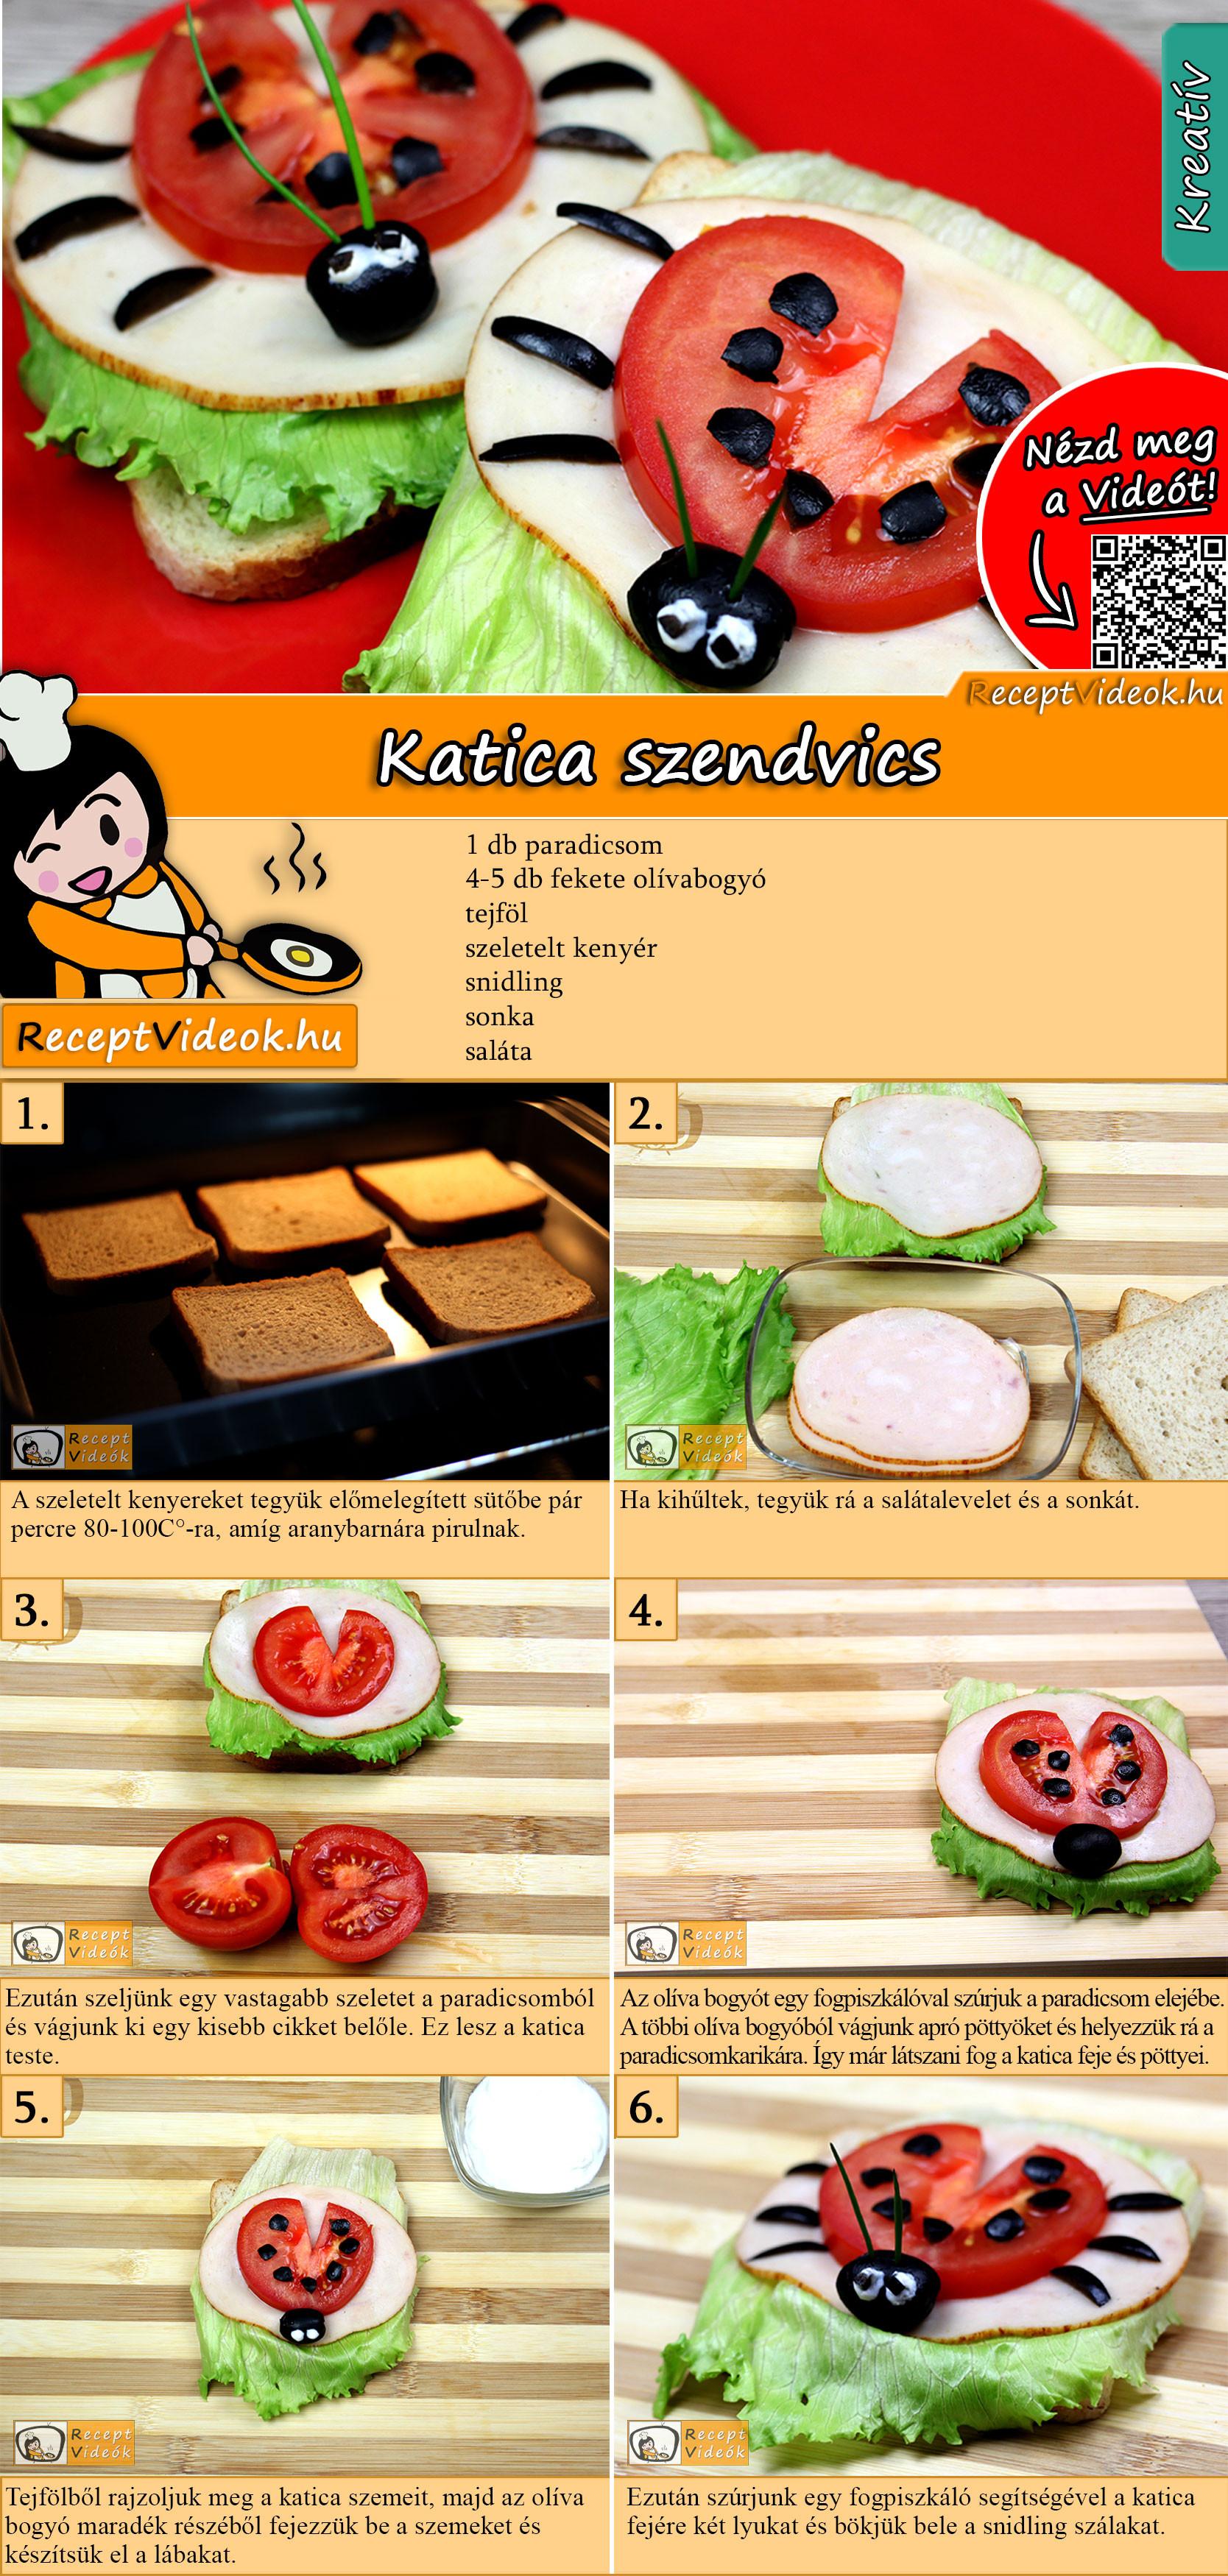 Katica szendvics recept elkészítése videóval